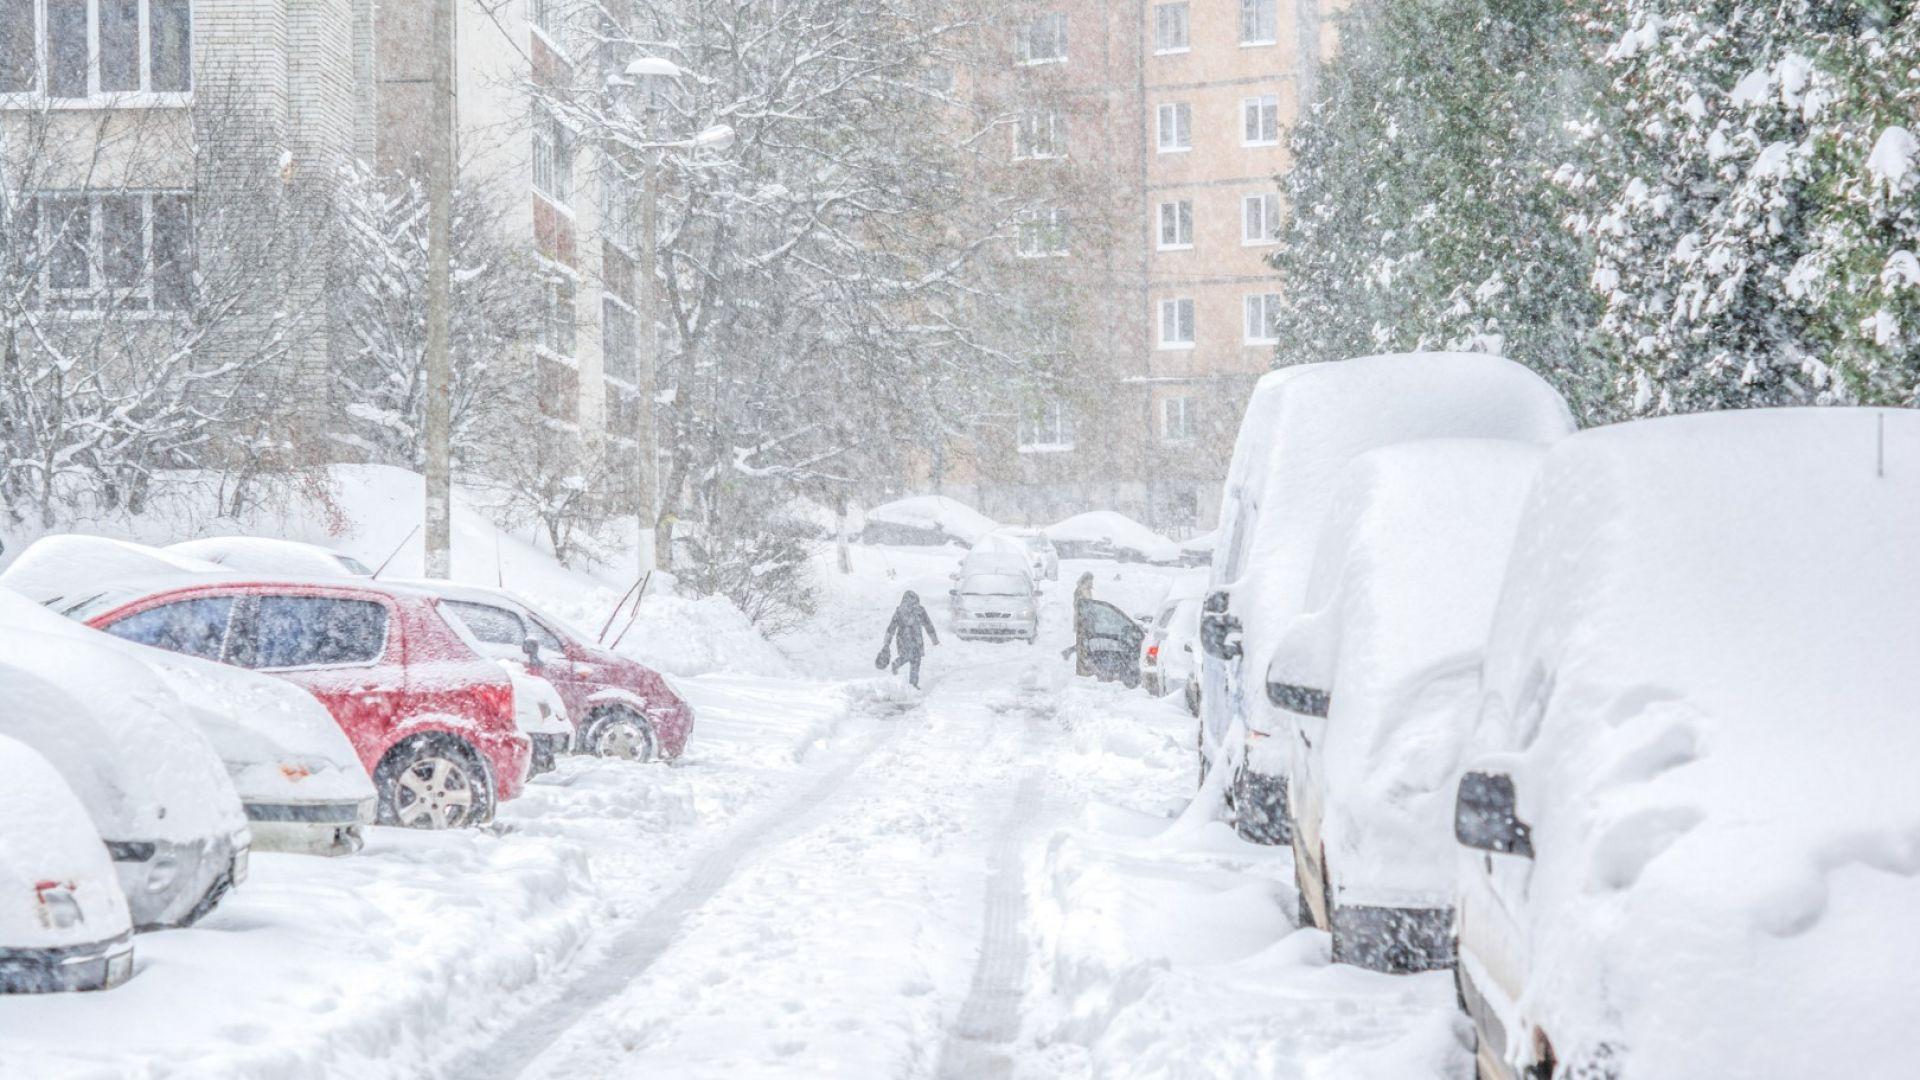 Обработват със смеси срещу заледяване пътищата в София и района